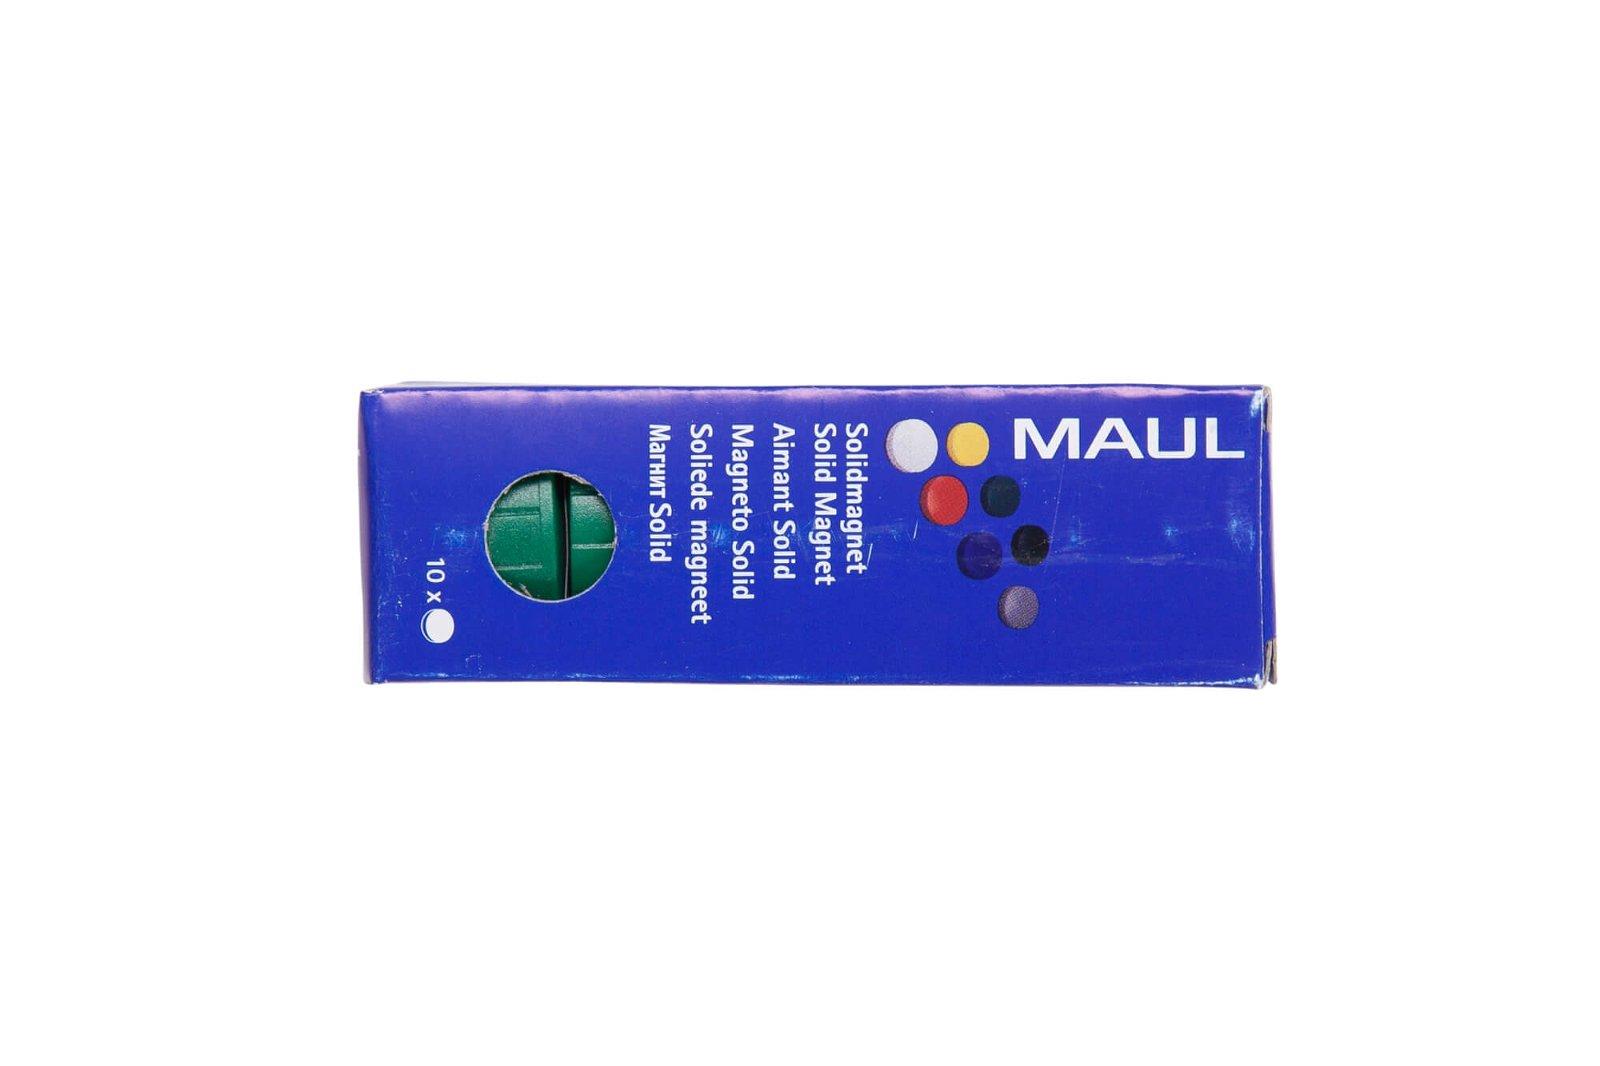 Magnet MAULsolid Ø 32 mm, 0,8 kg Haftkraft, 10 St./Ktn., grün